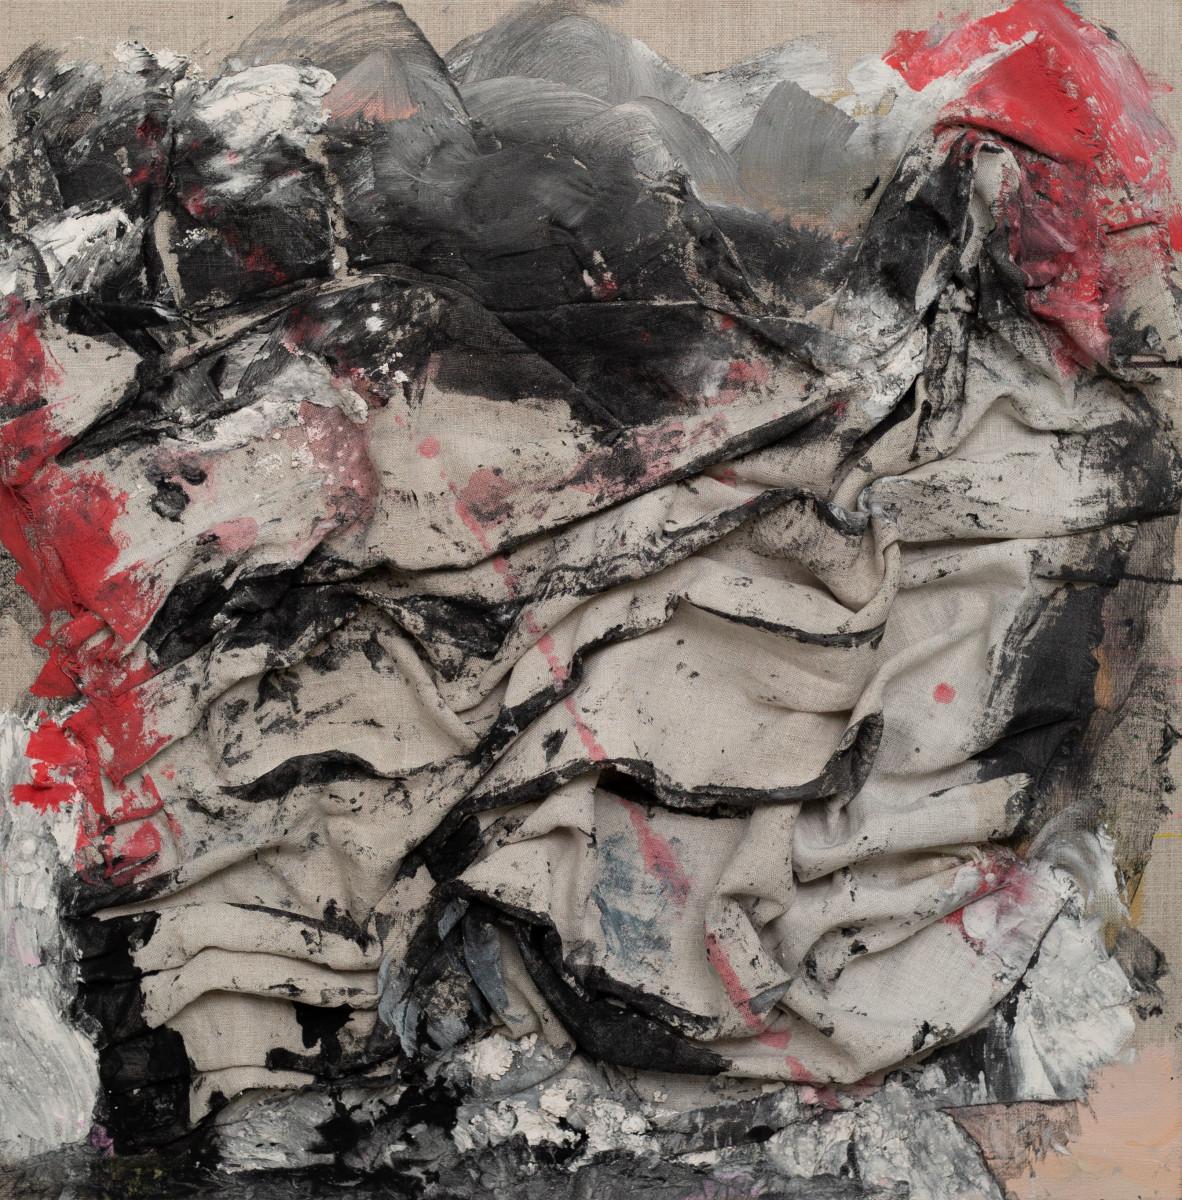 HIDDEN by Fran White